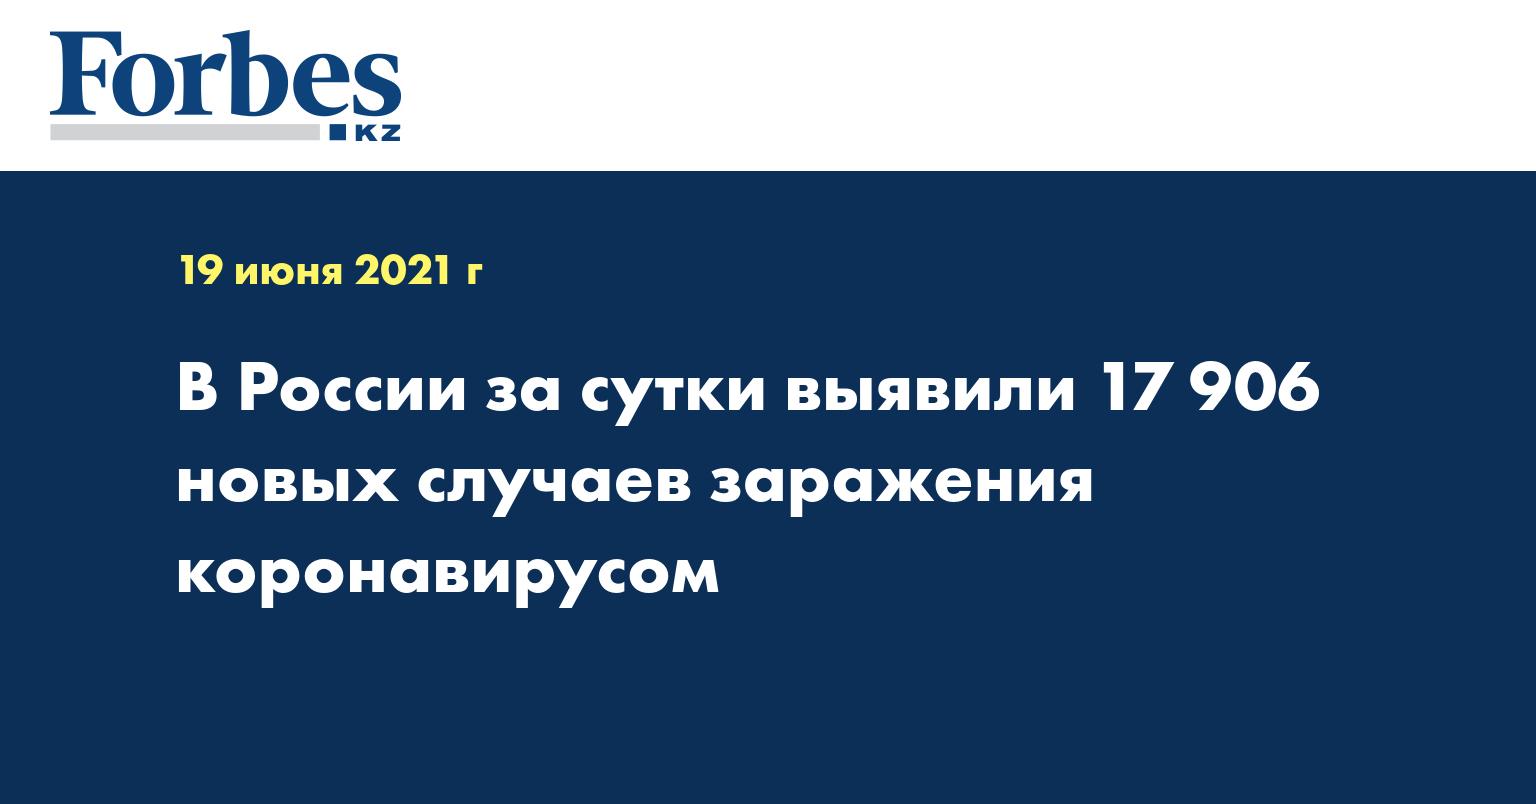 В России за сутки выявили 17 906 новых случаев заражения коронавирусом